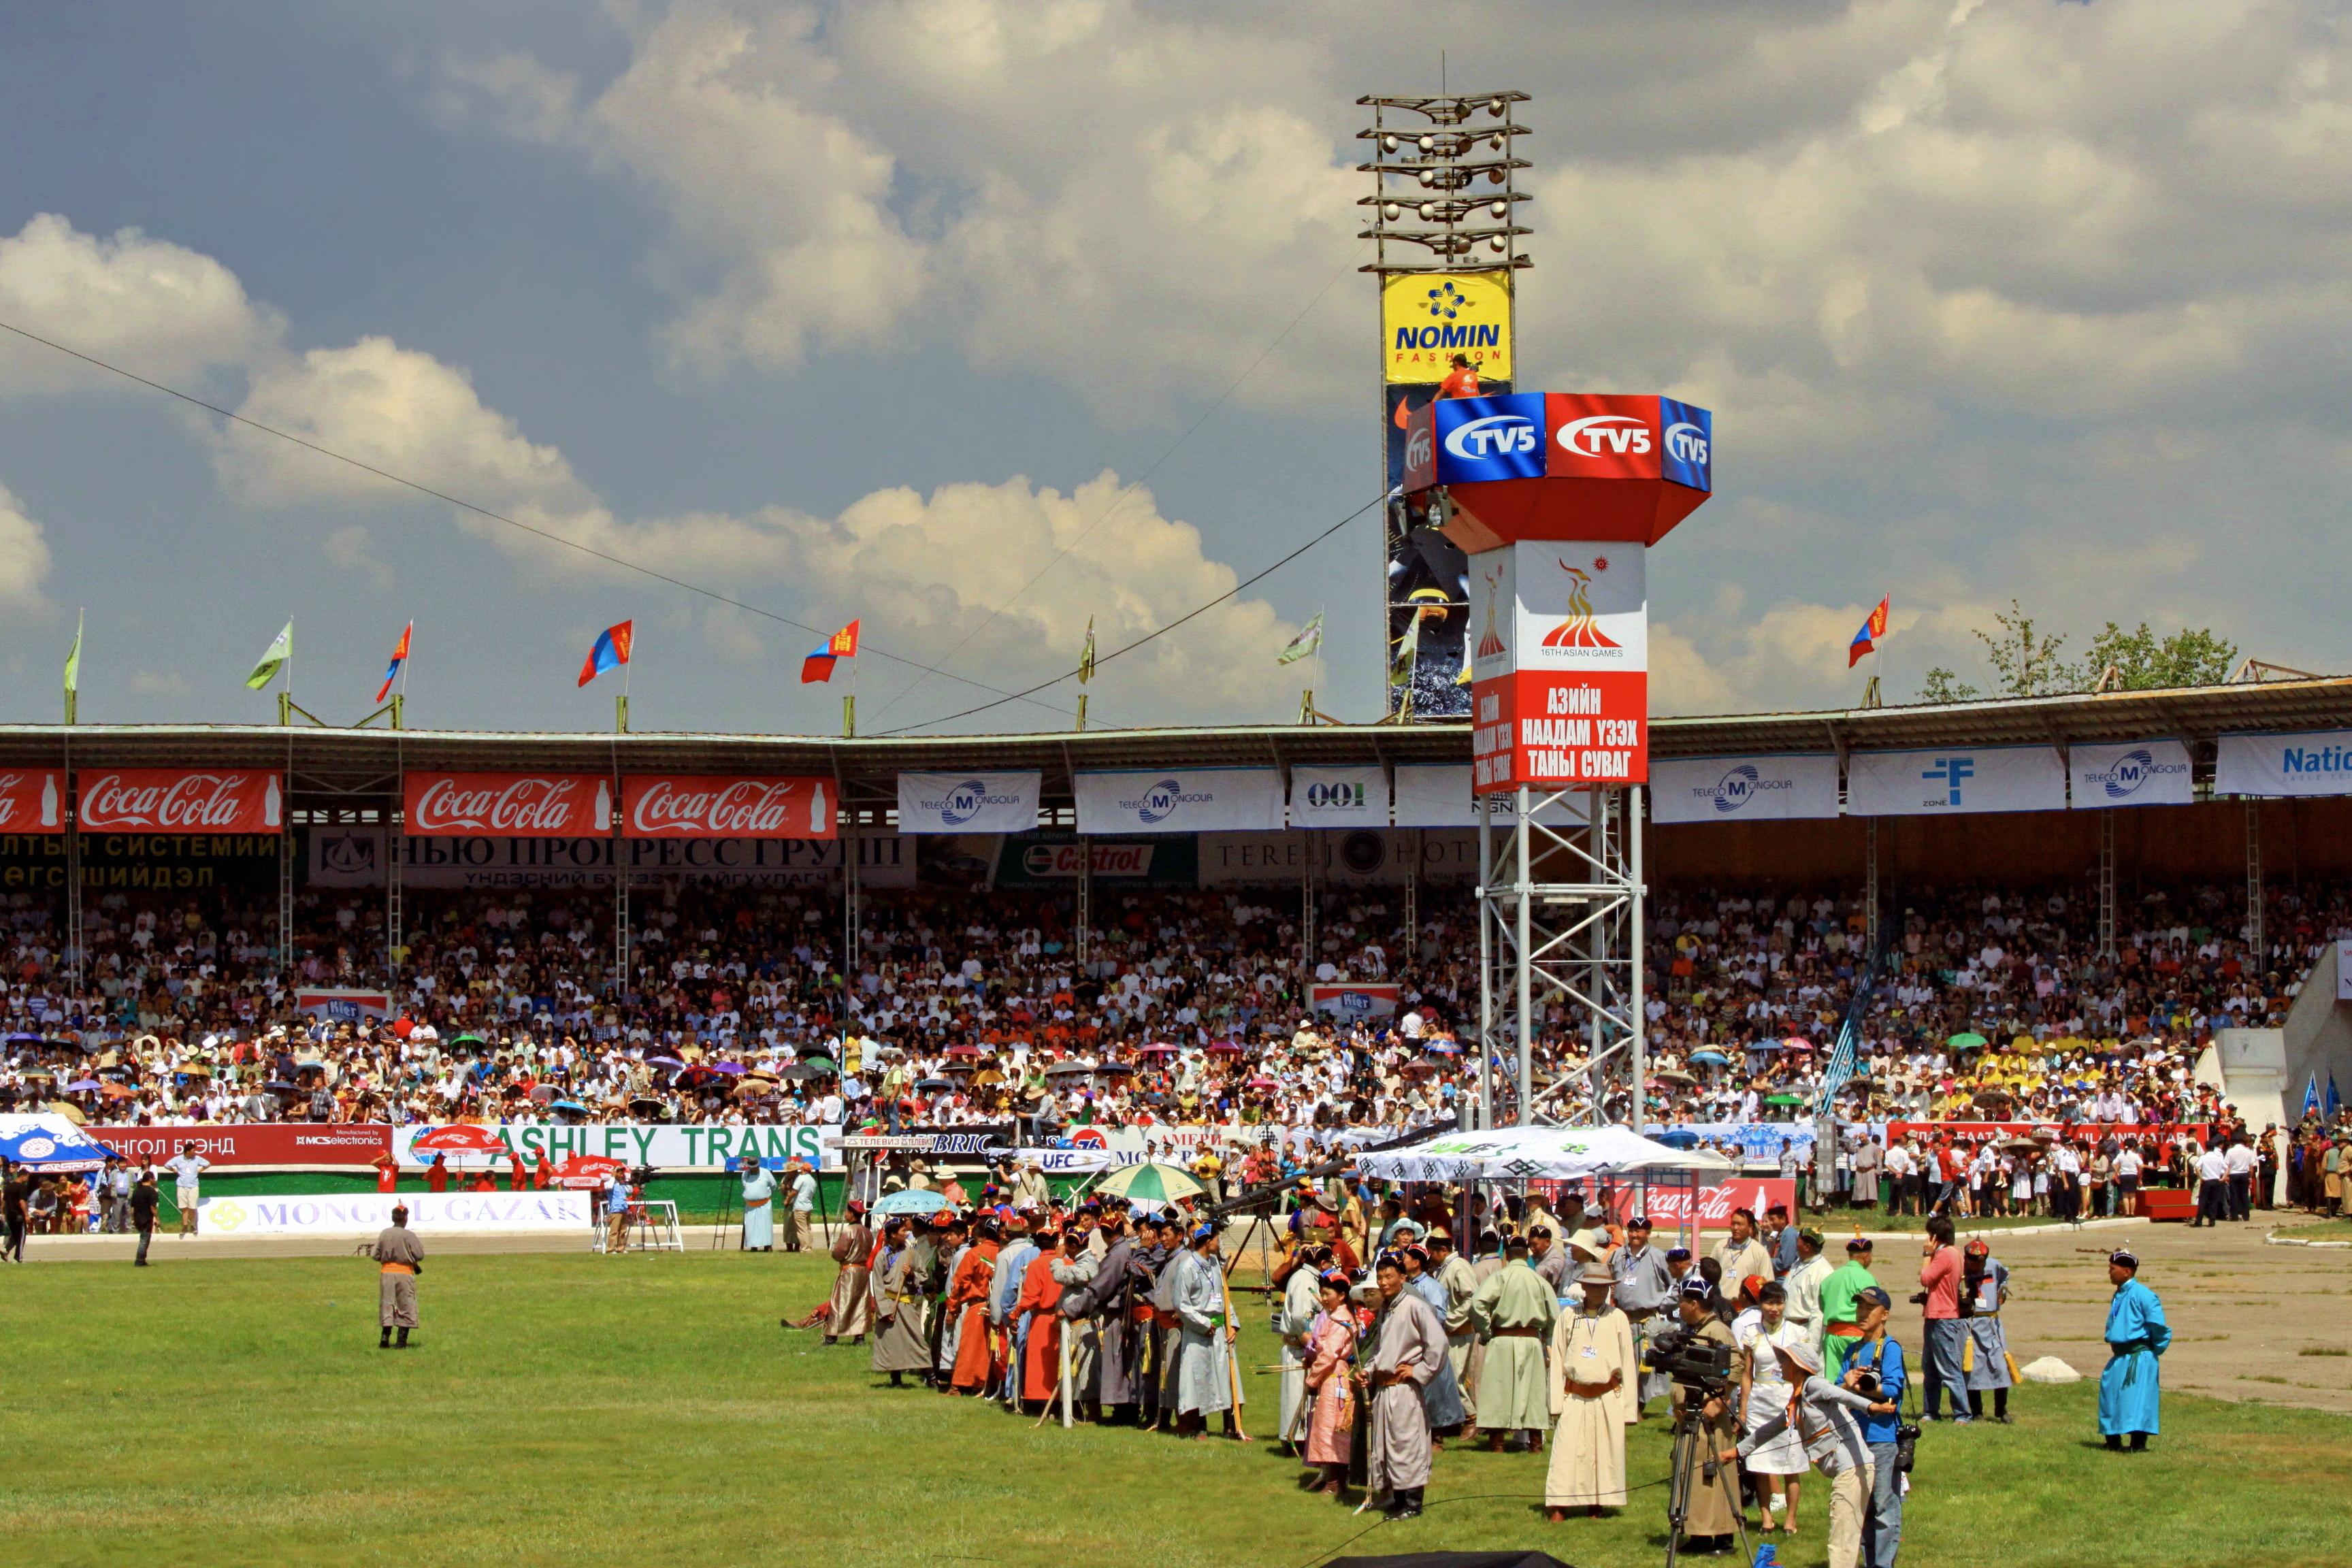 Festiwal Naadam na stadionie narodowym w Ułan Bator 01.JPG